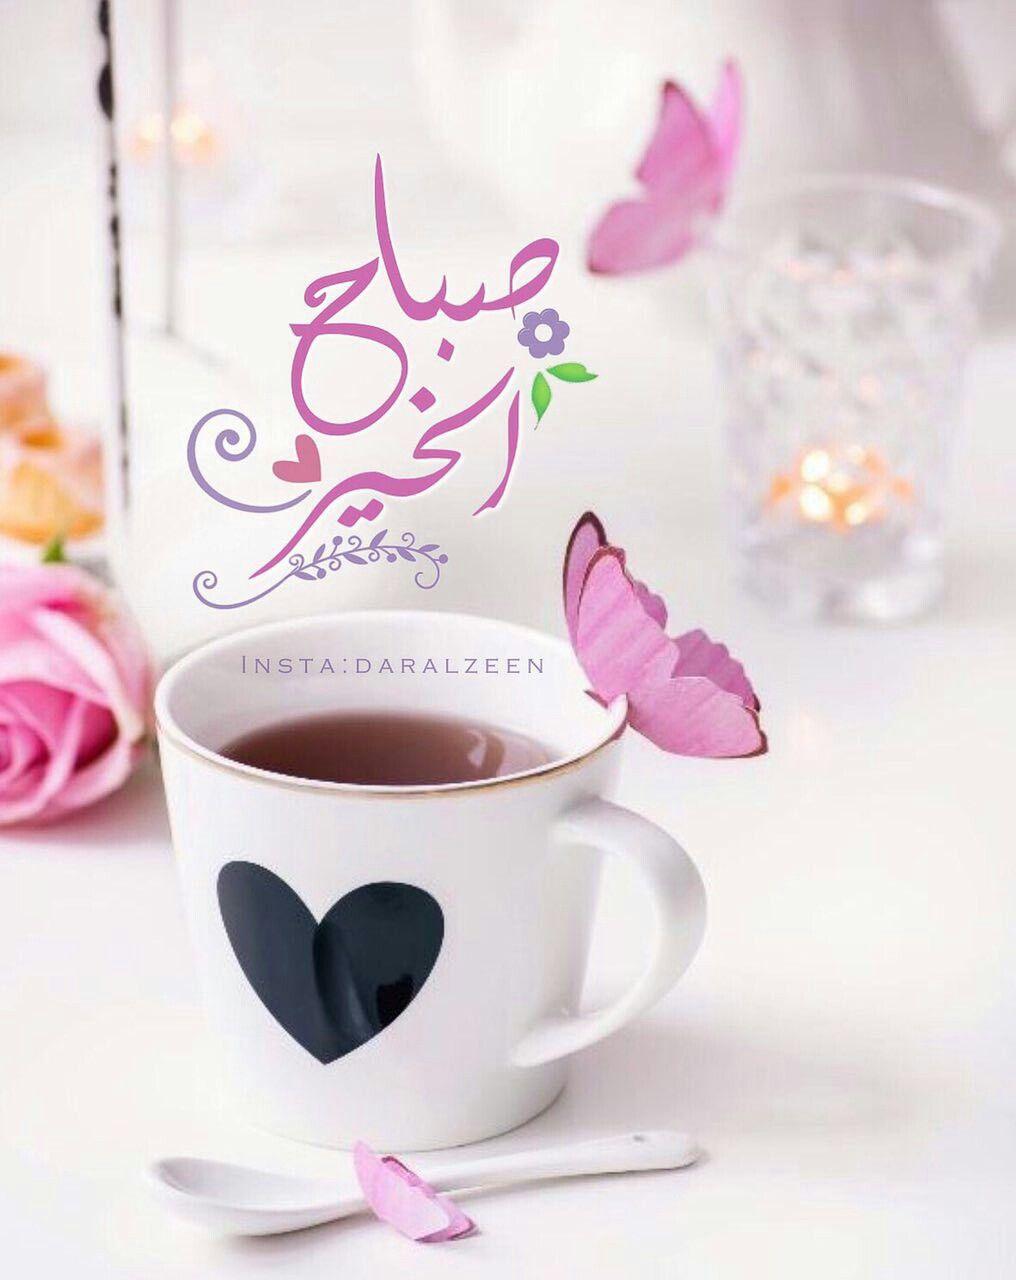 صباحي أمنية صغيرة بأن الله يحفظ لي كل من أعشق وجودهم بين تفاصيل حياتي Good Morning Arabic Good Morning Cards Beautiful Morning Messages